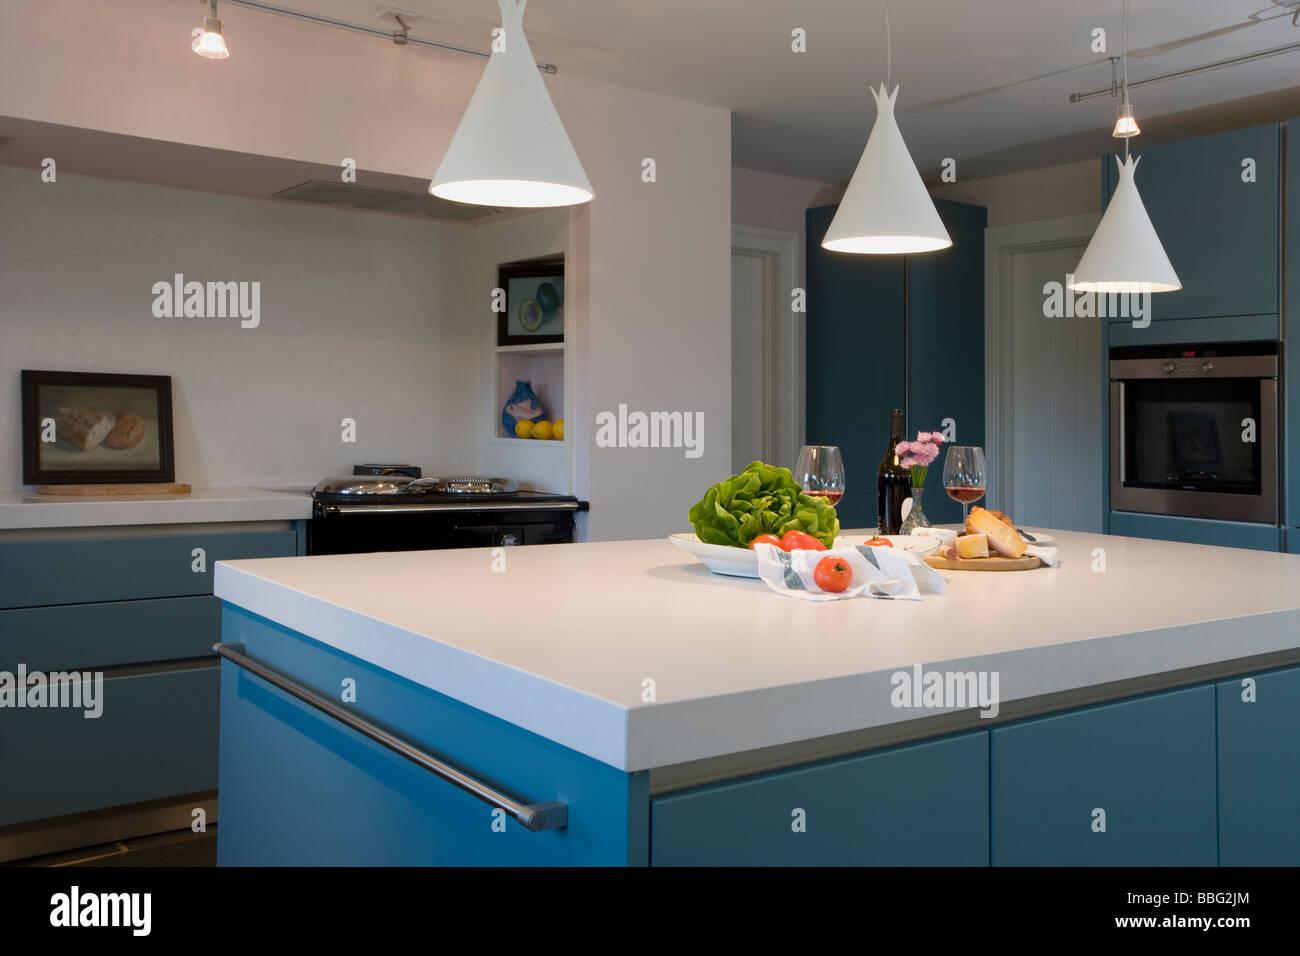 Küche, modern, neu, sauber, utilitaristische, frisch, Haus Stockbild